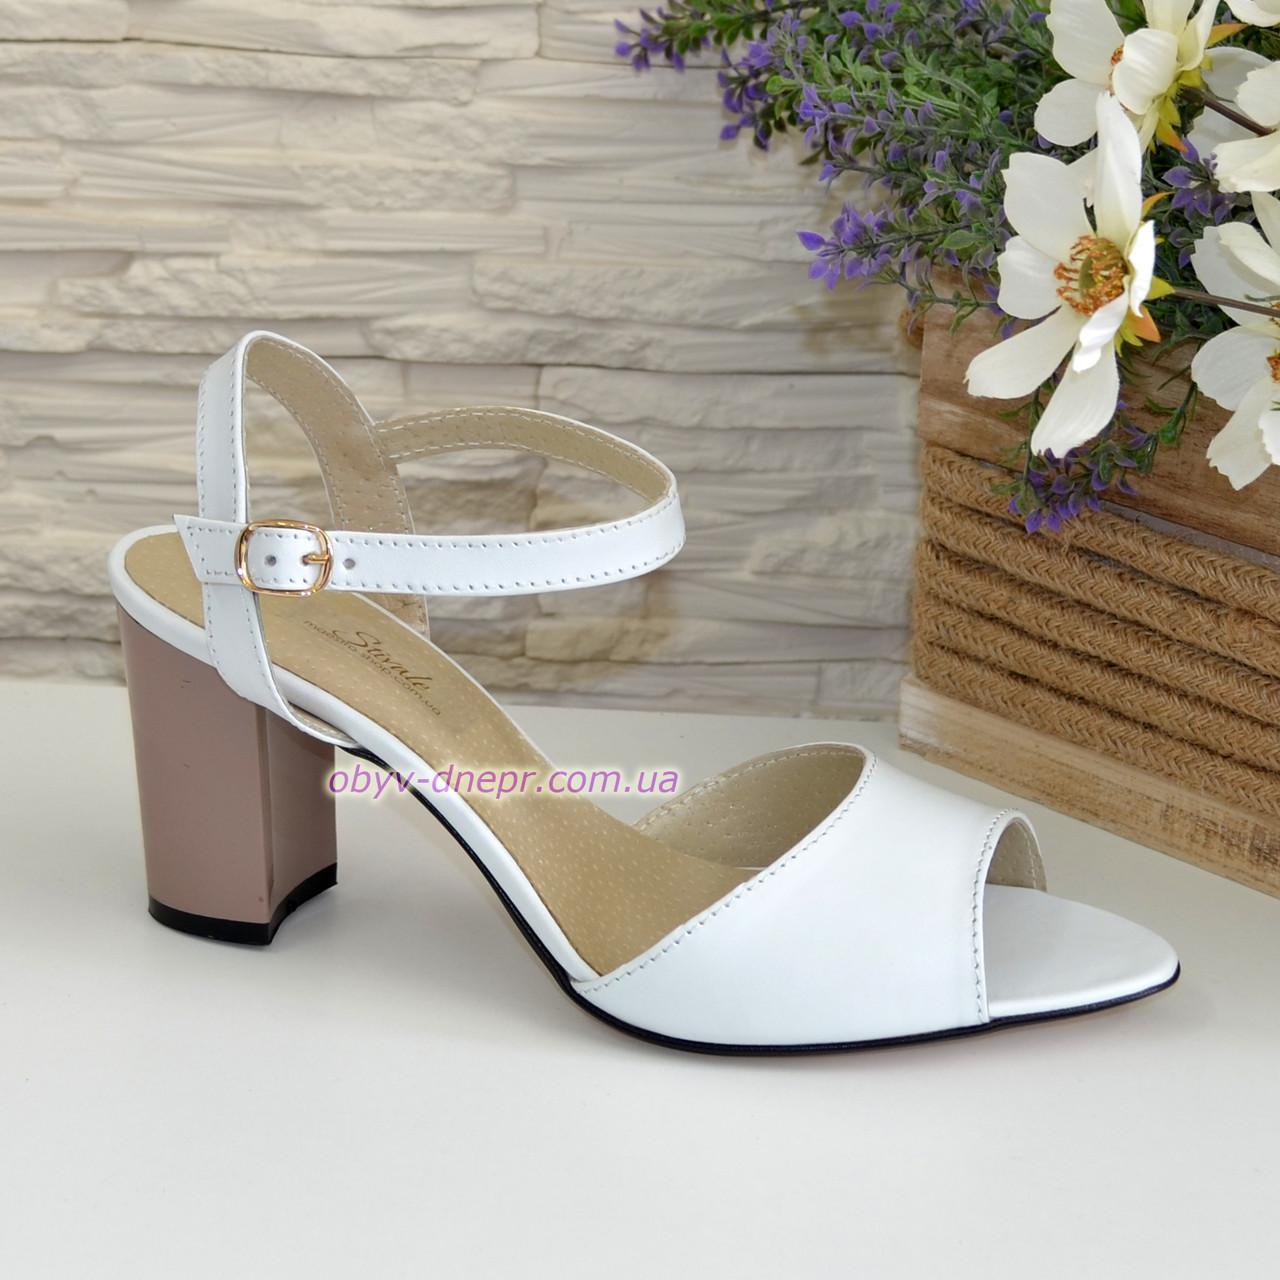 Женские кожаные босоножки на устойчивом каблуке, цвет белый